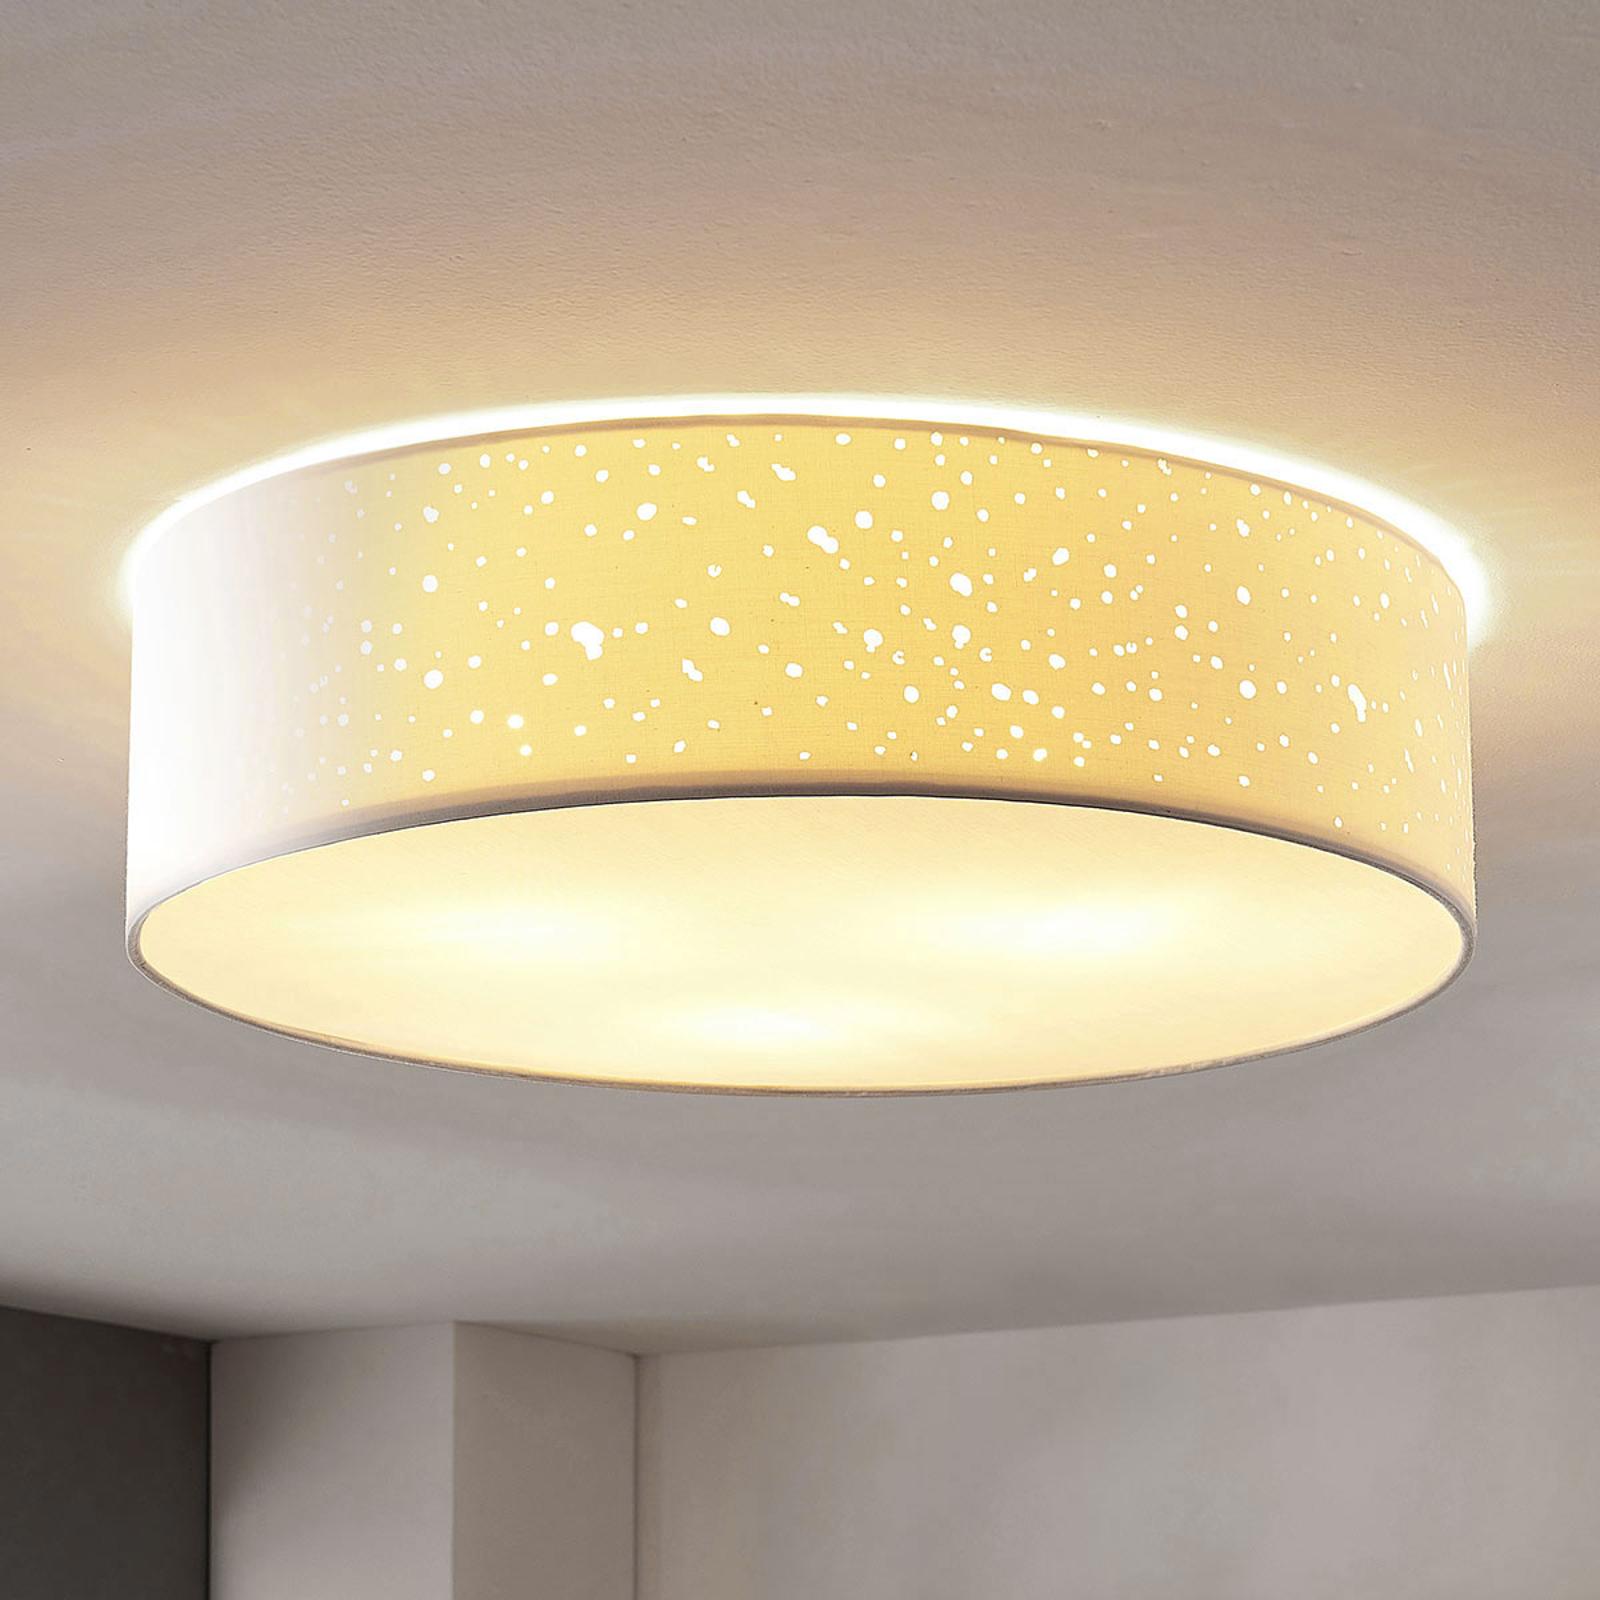 Lampa sufitowa Umma, bezpośrednio na sufit, biała